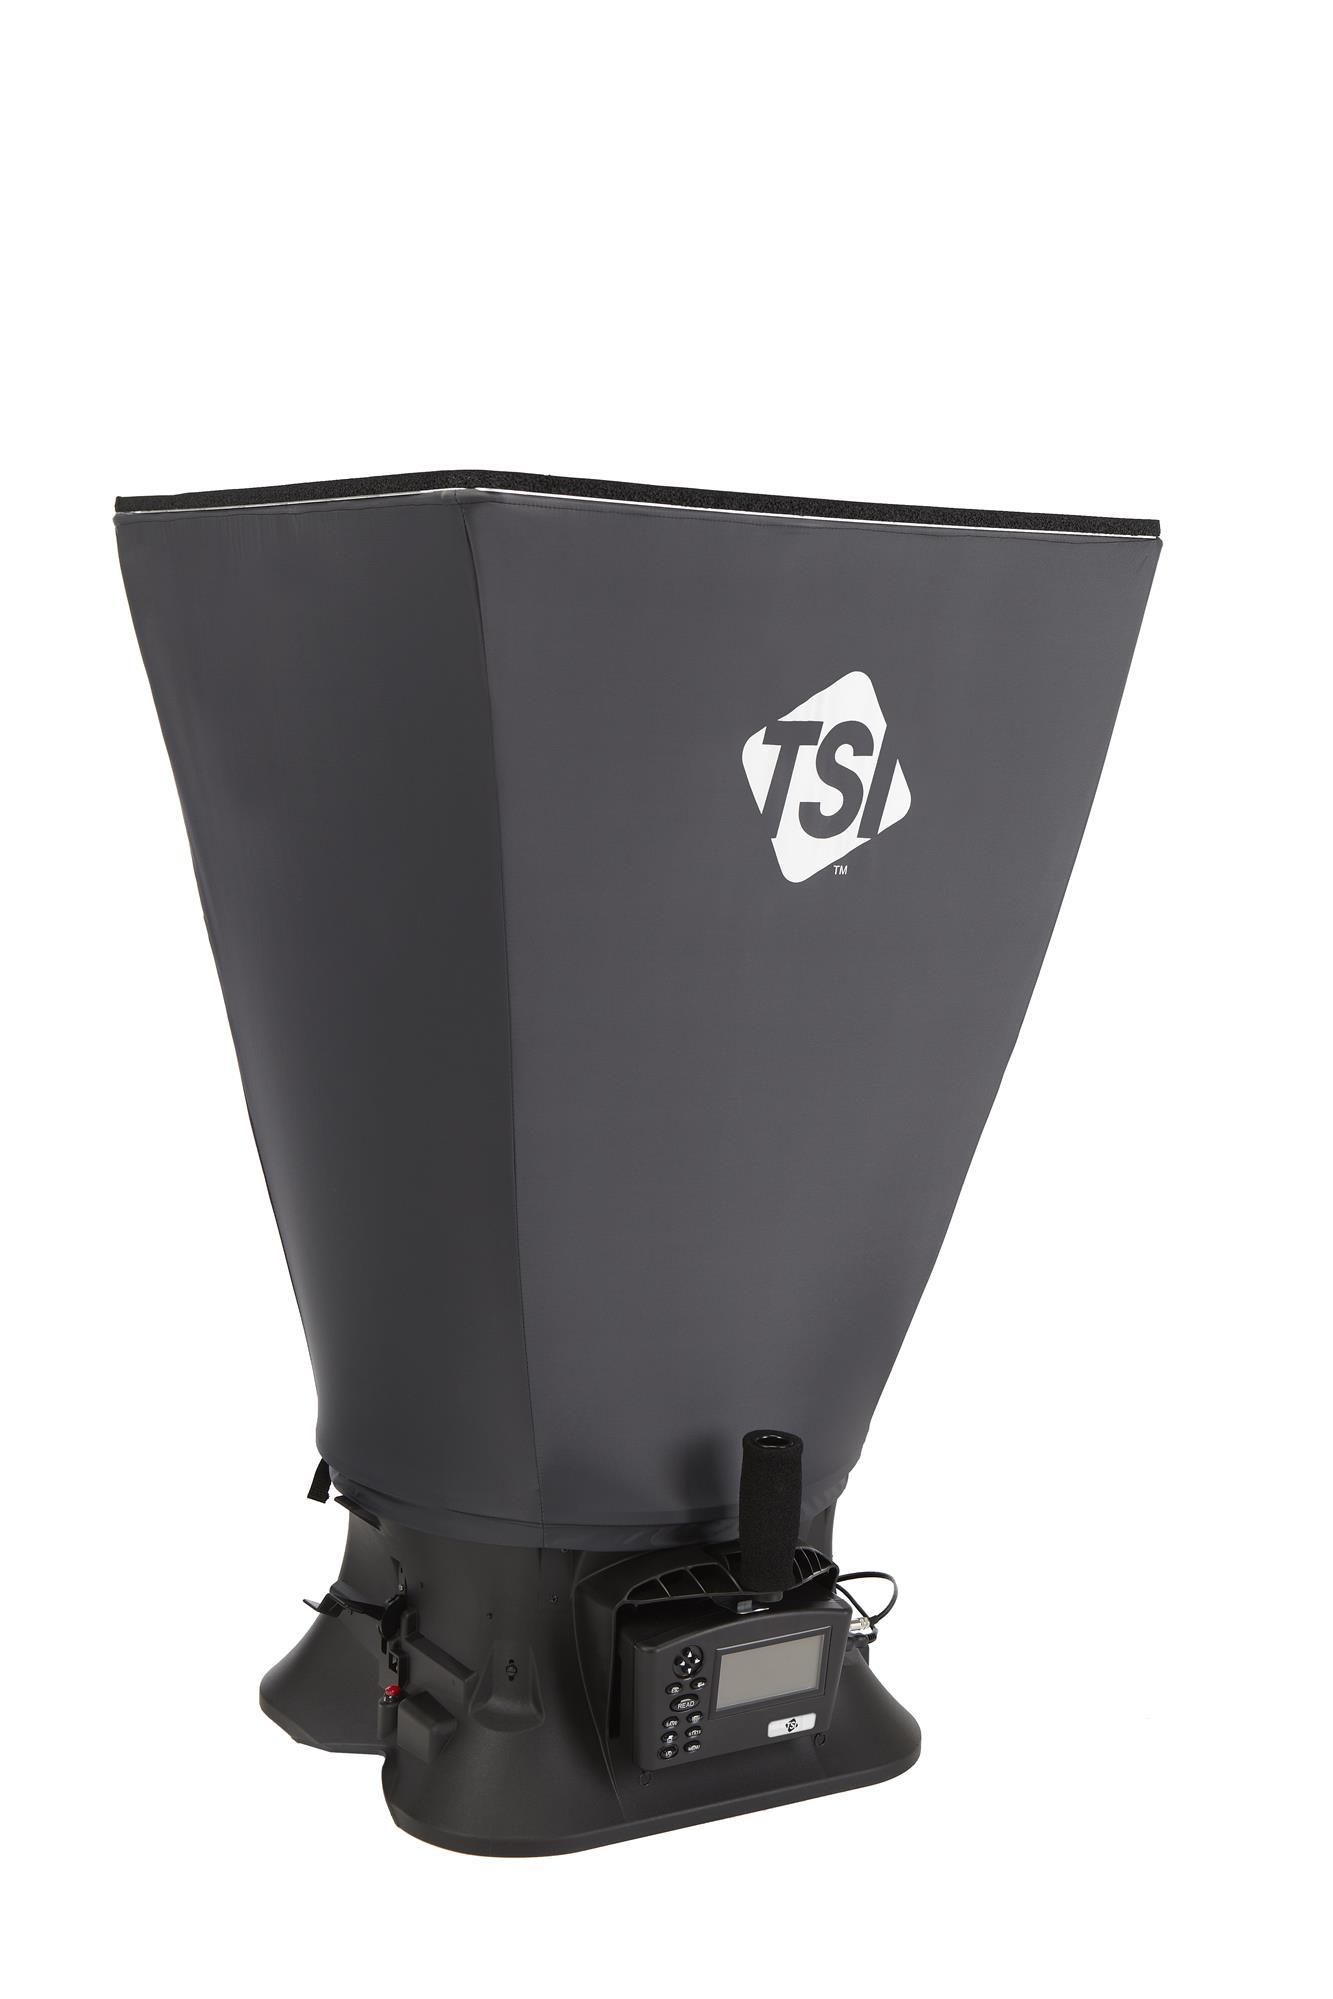 特赛TSI-ACCUBALANCE 8380 数字式风量罩